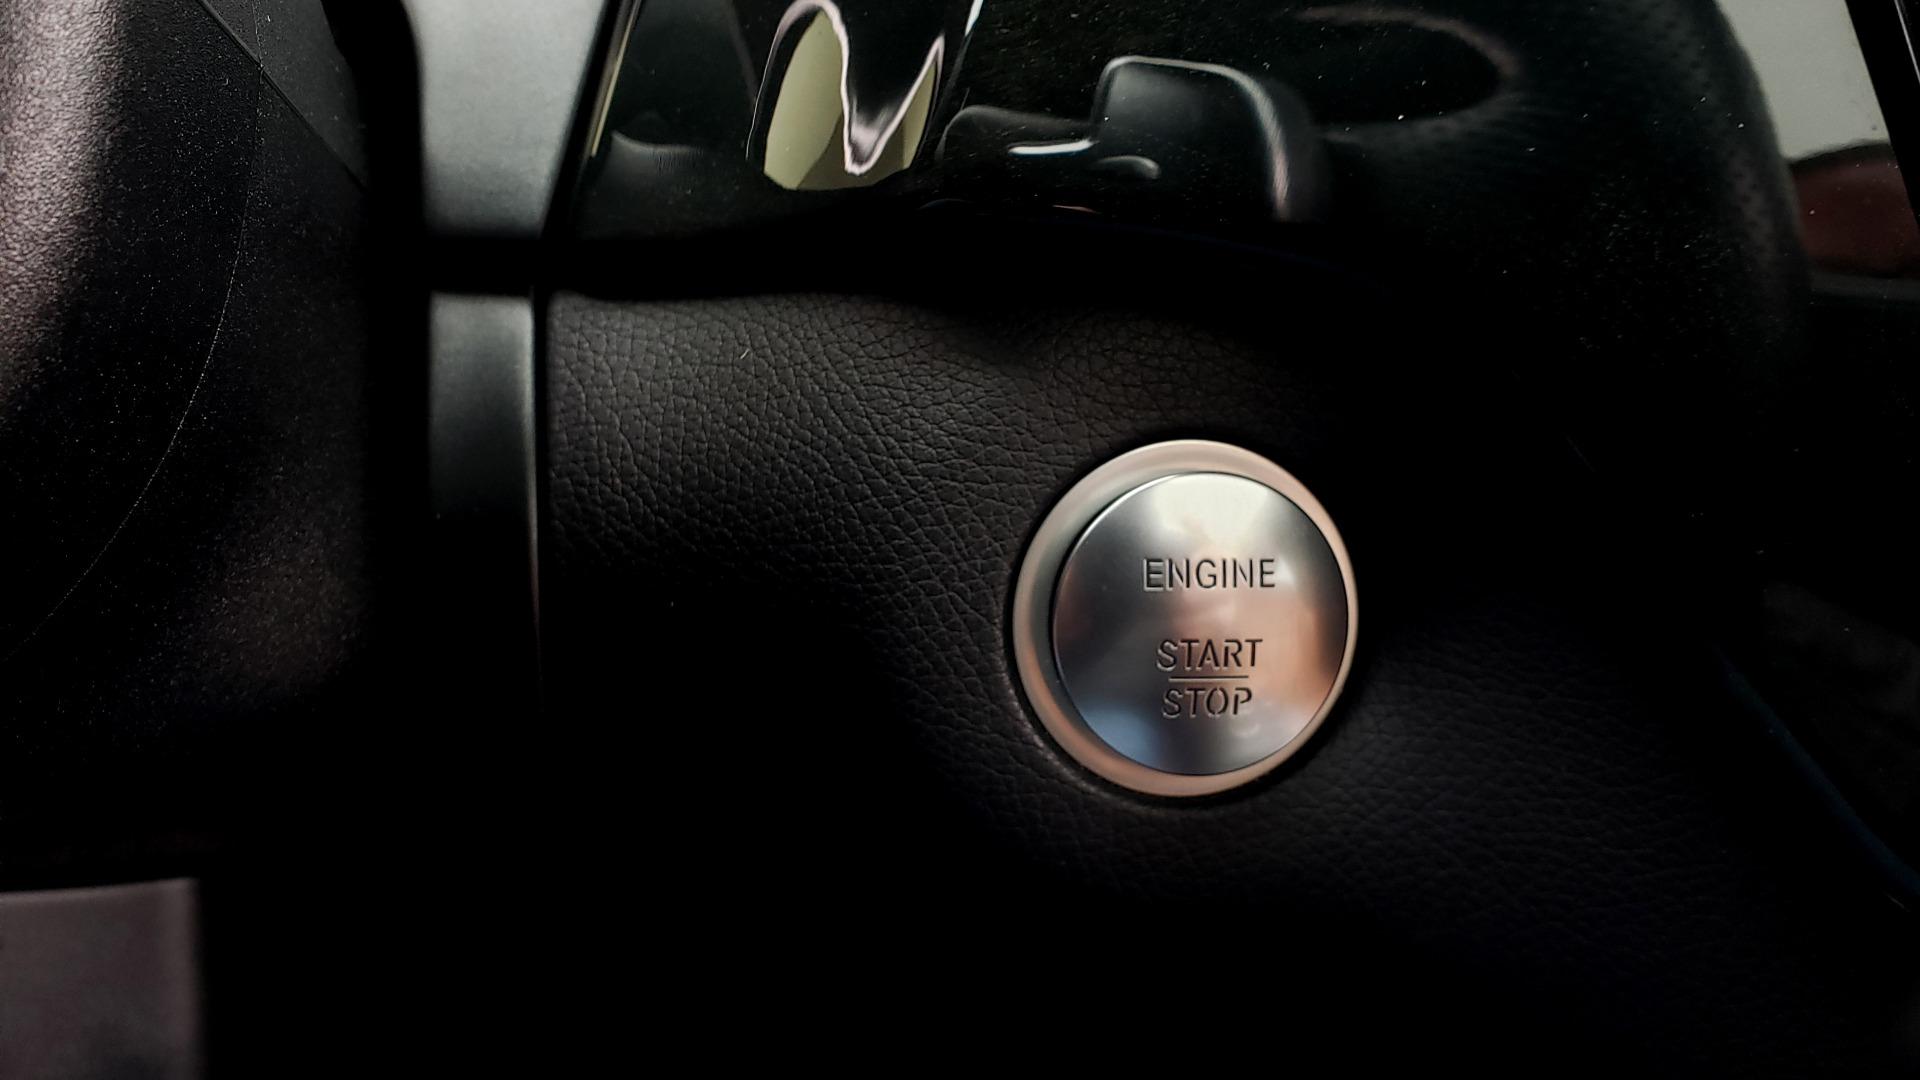 Used 2016 Mercedes-Benz GLE 450 AMG / AWD / PREM PKG / PARK ASST / DRVR ASST / SUNROOF for sale Sold at Formula Imports in Charlotte NC 28227 47